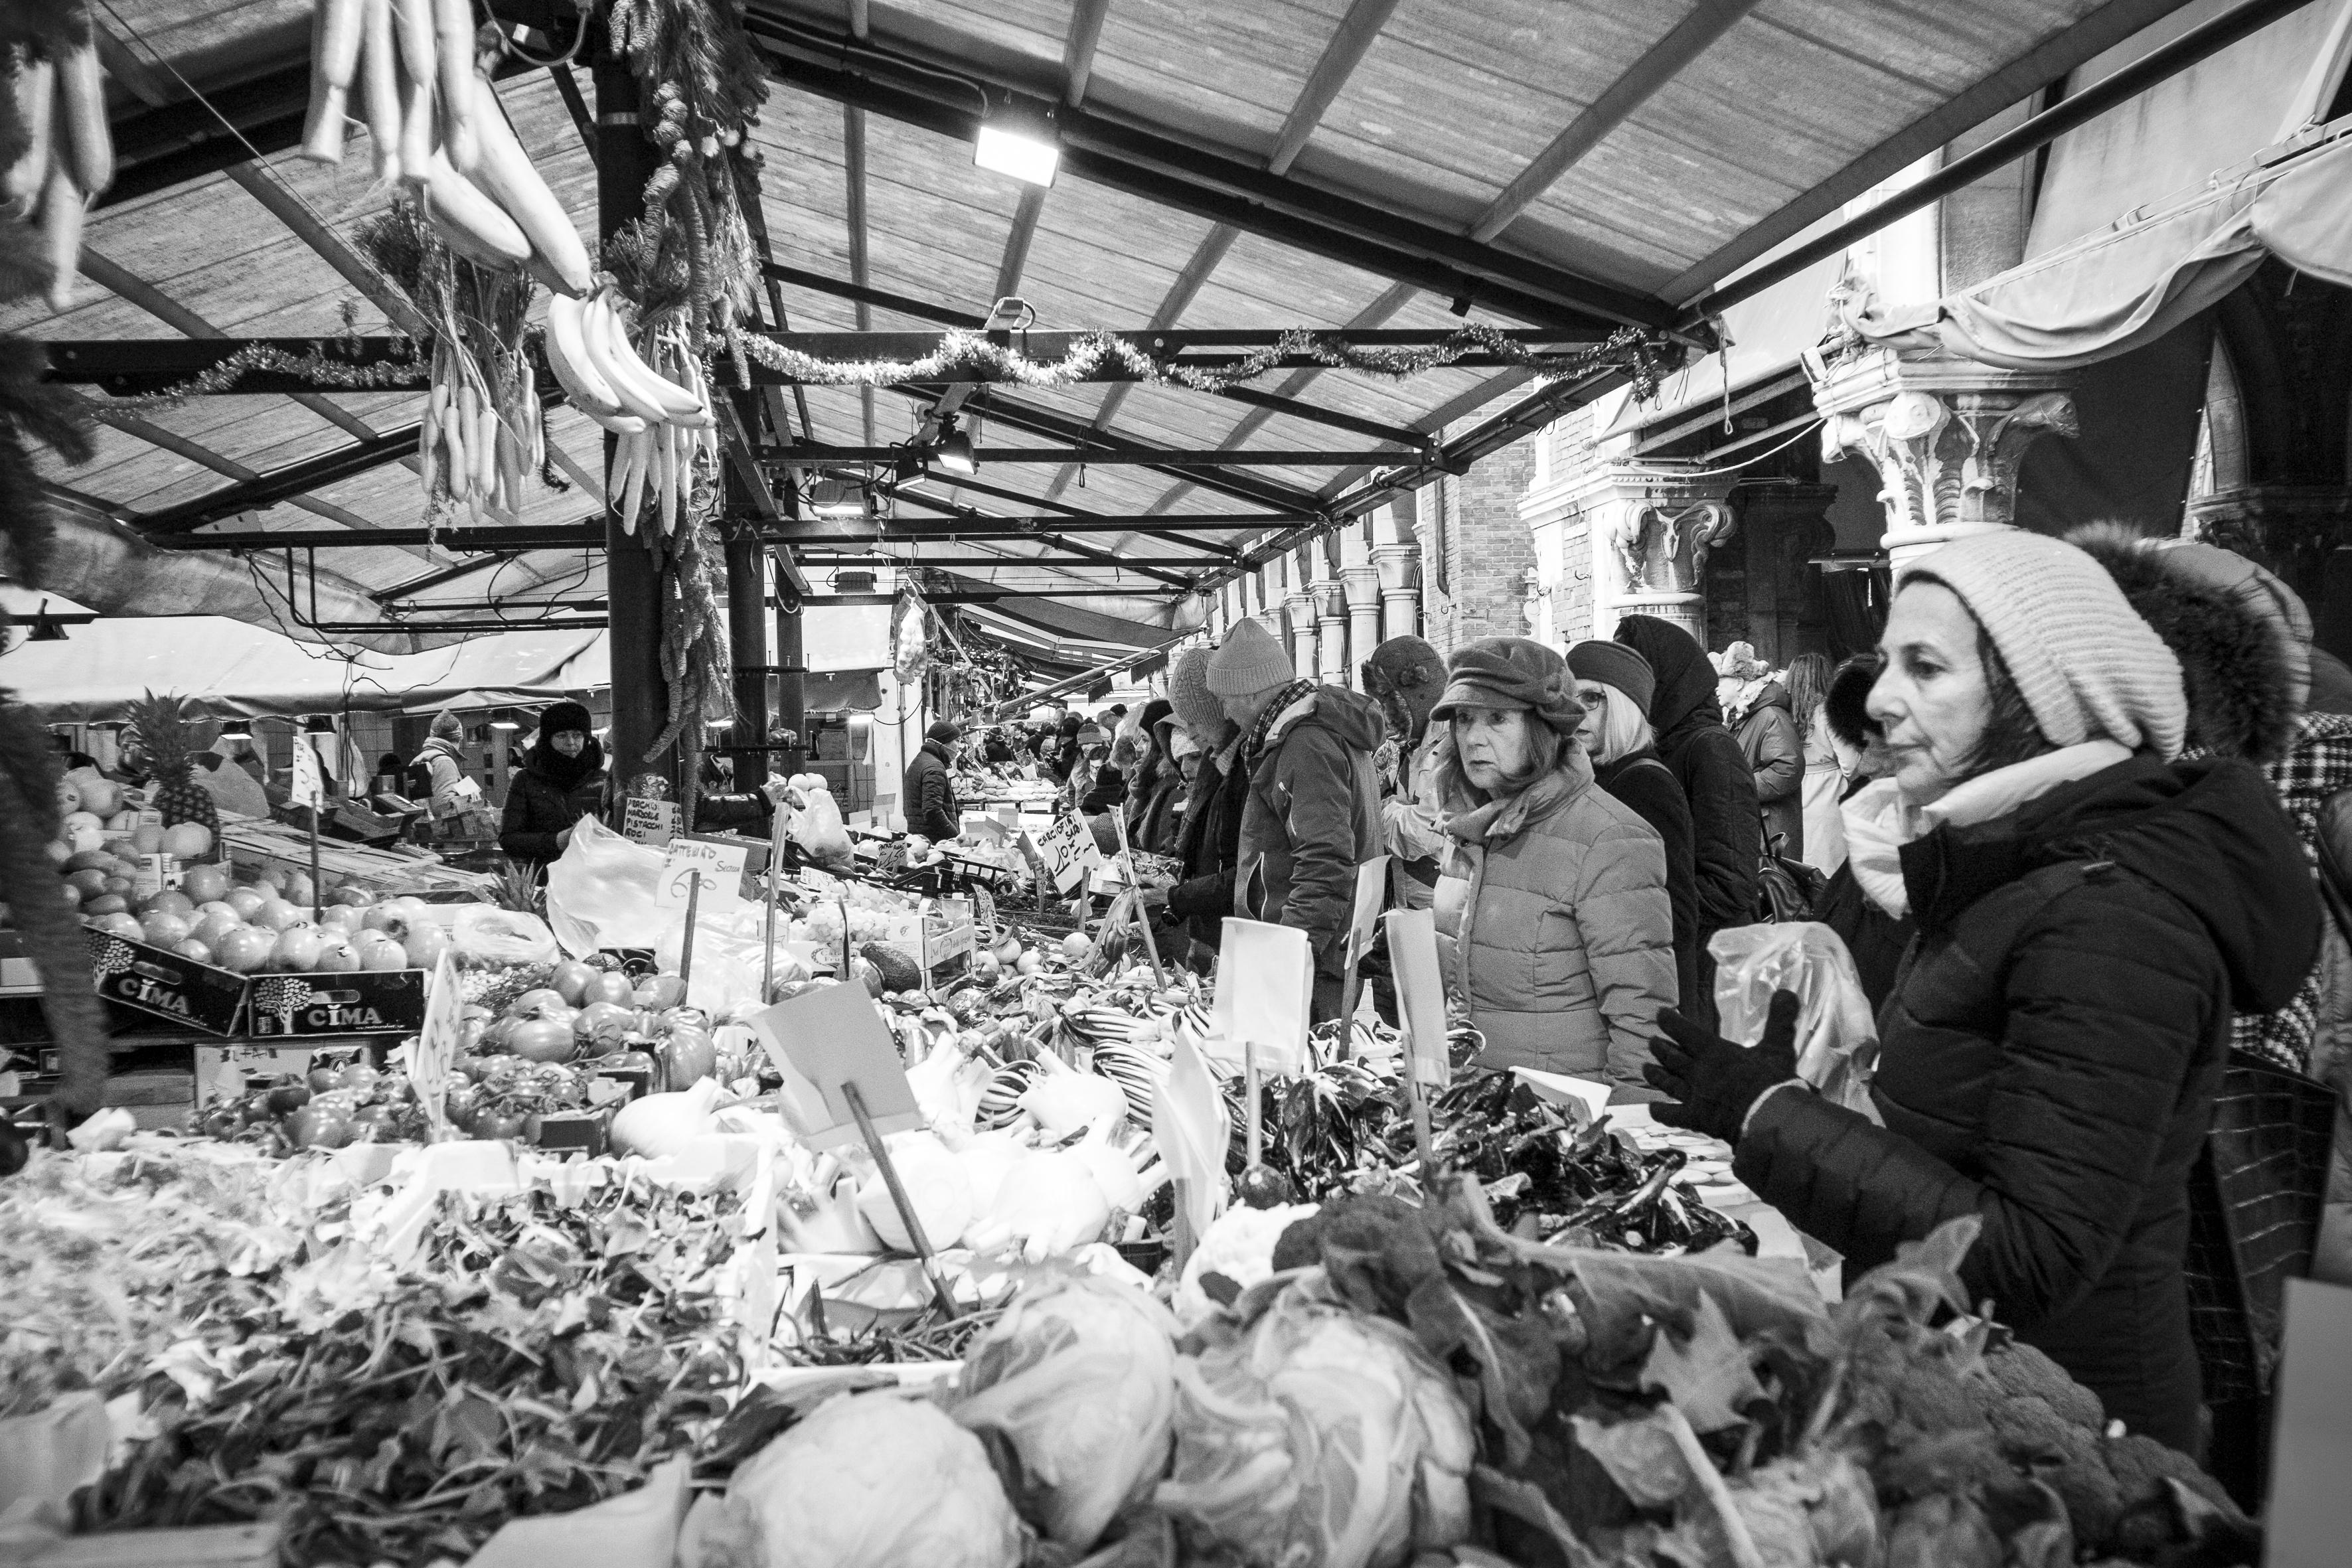 картинки рынок черно белые съемкой обработкой